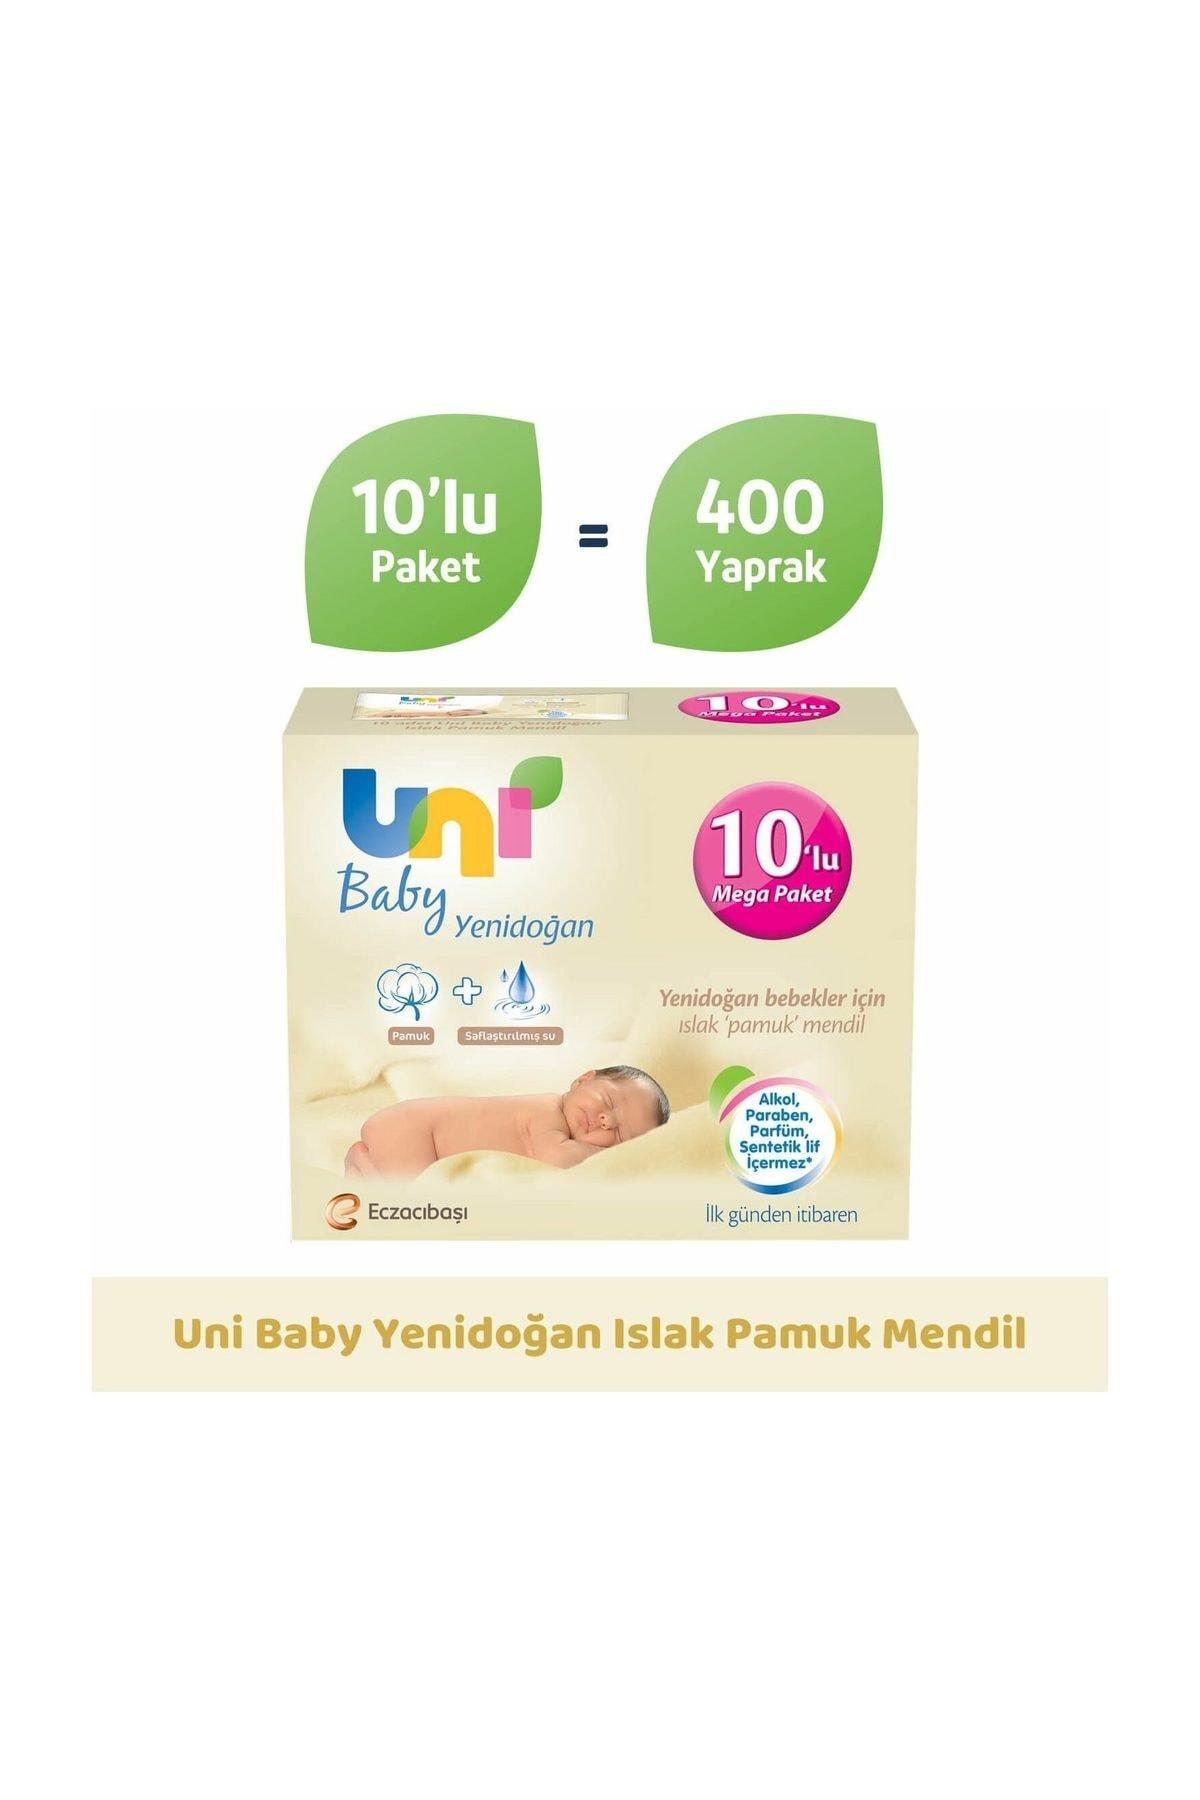 Uni Baby Yenidoğan Islak Mendil 10'lu Paket - 400 Yaprak 8692190010246 1